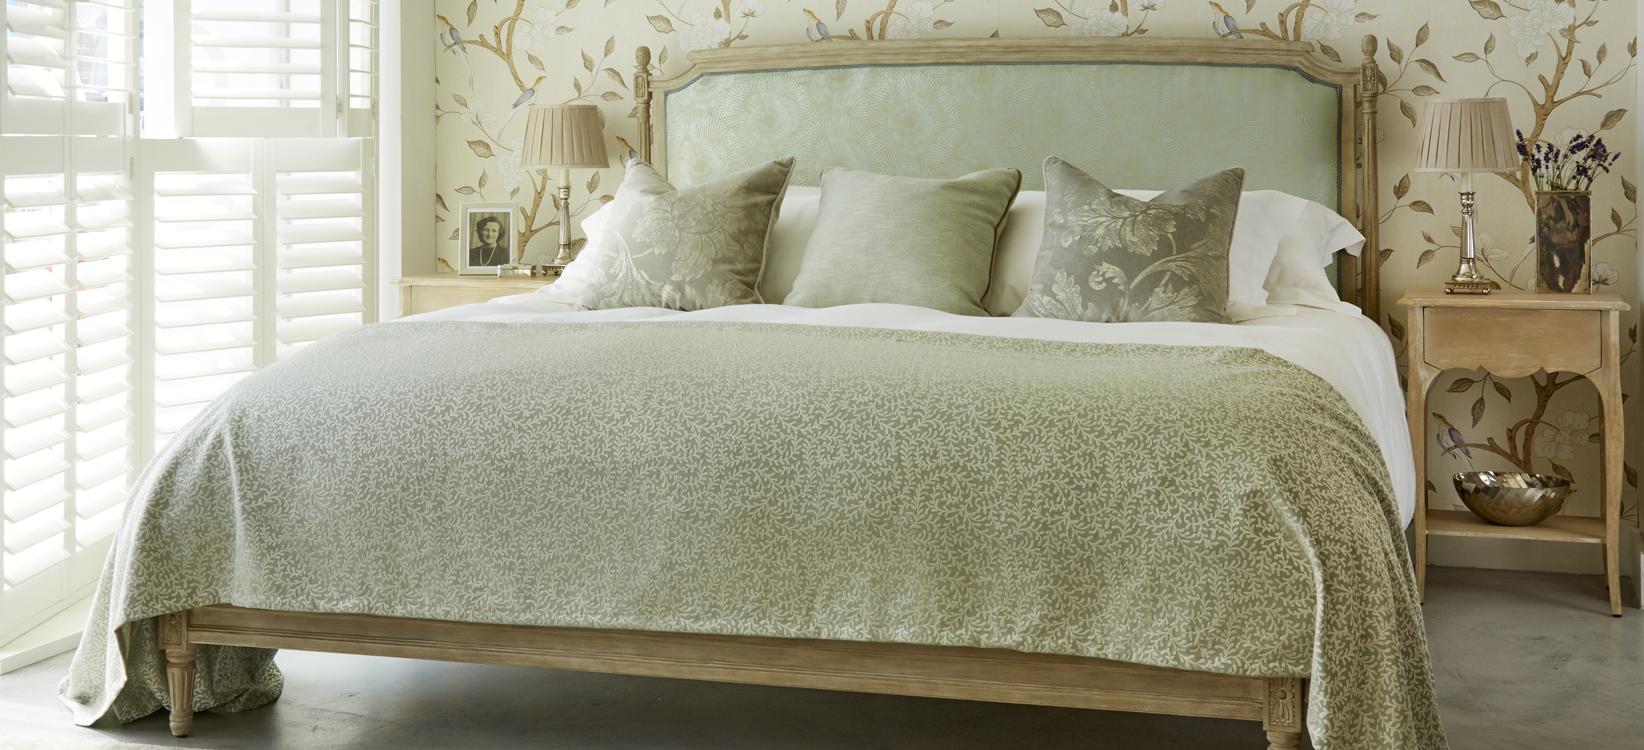 Luxury Bed frames offer